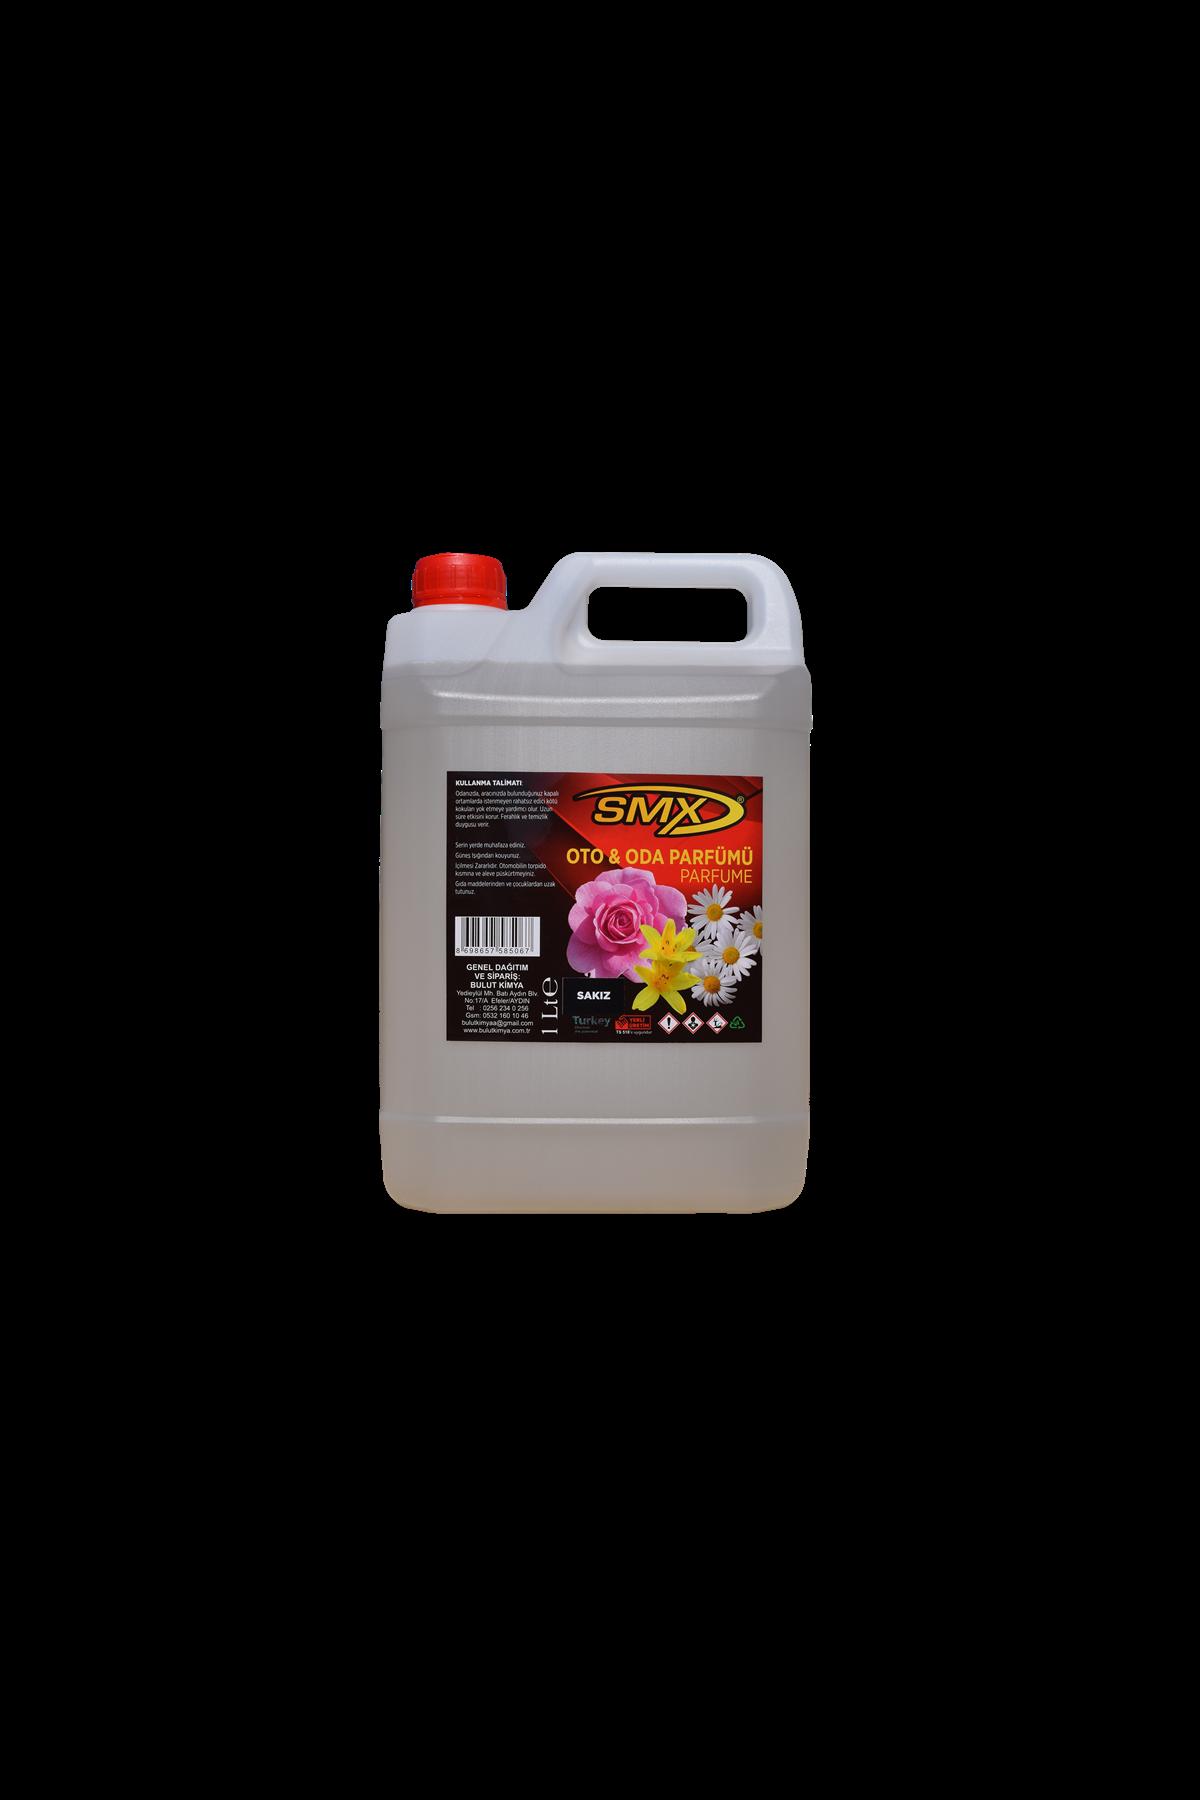 SMX Oto parfümü / Oda Parfümü / Sakız Kokusu (5LT)